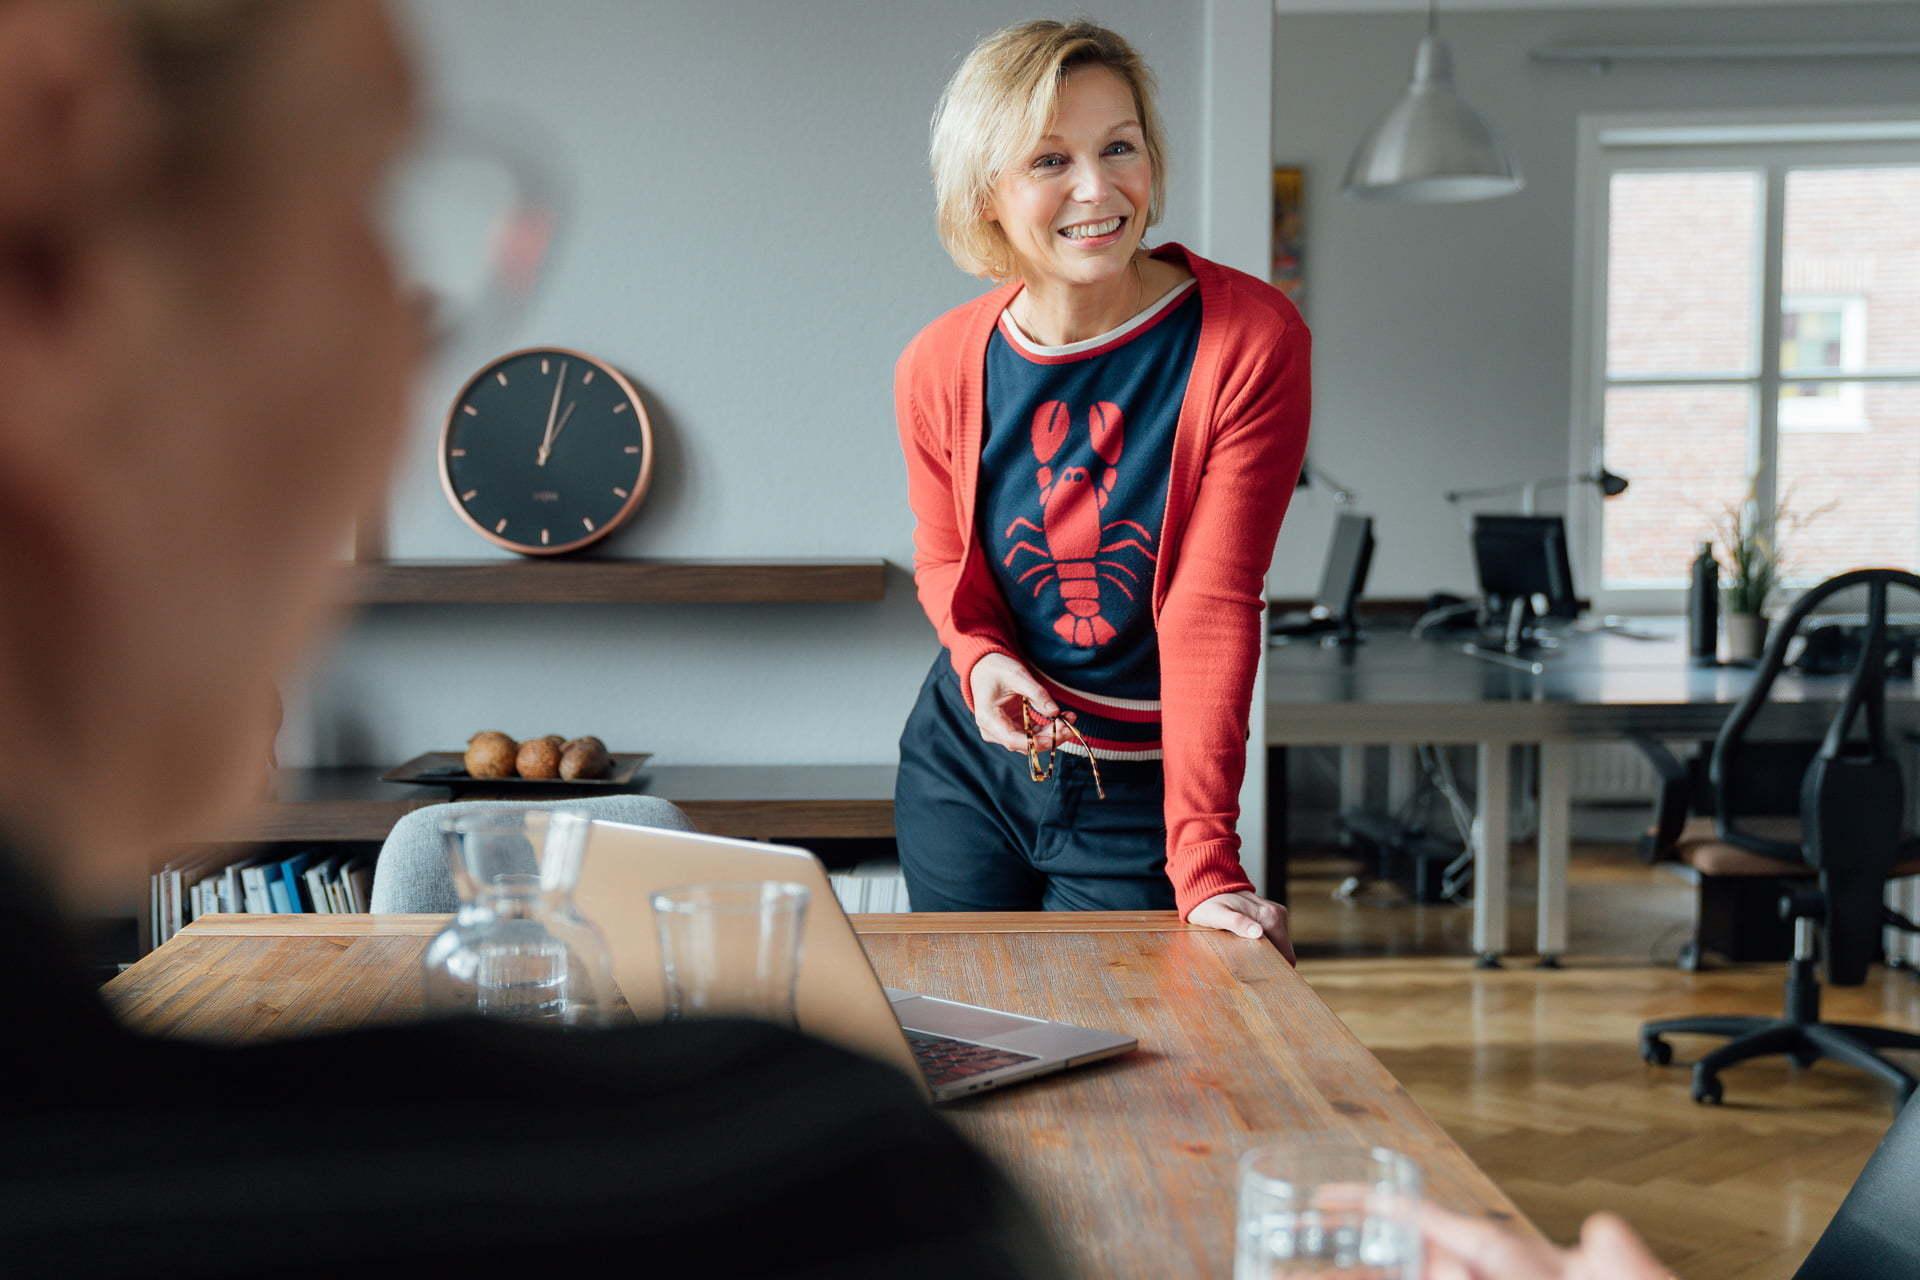 Frau an den Tisch lehnend während eines Fotoshootings